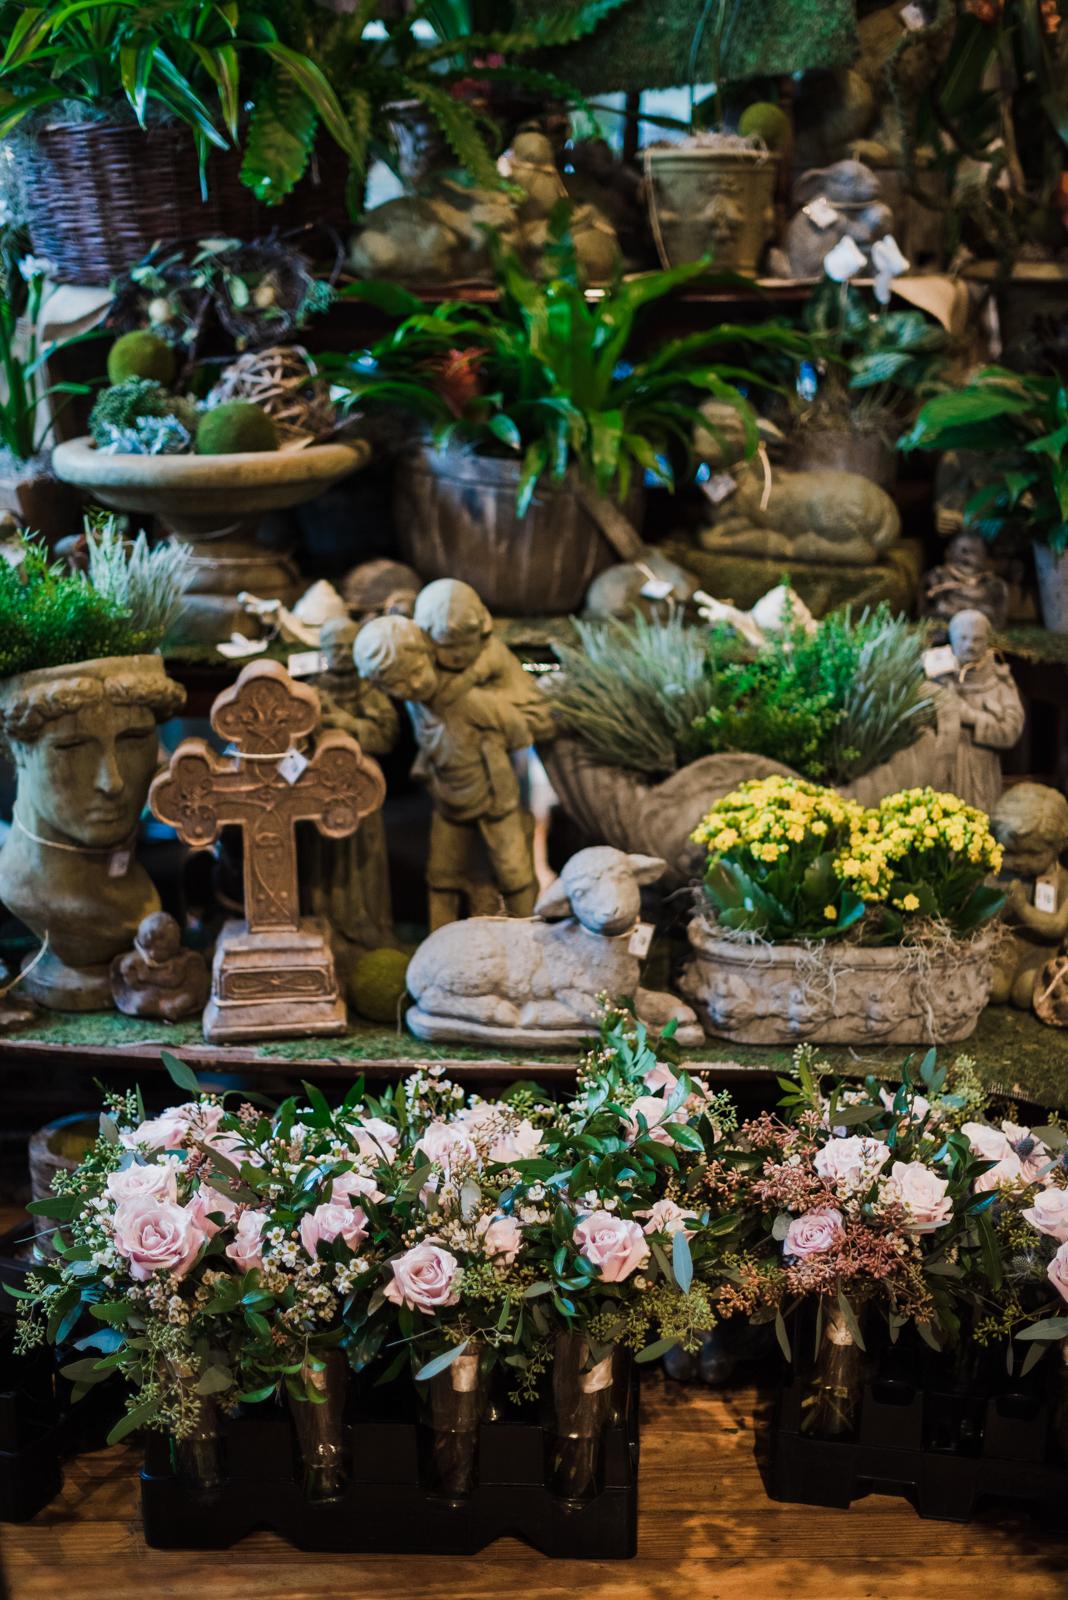 Blooms_Garden_Shop_Hattiesburg_Vendor_Florist-14.jpg